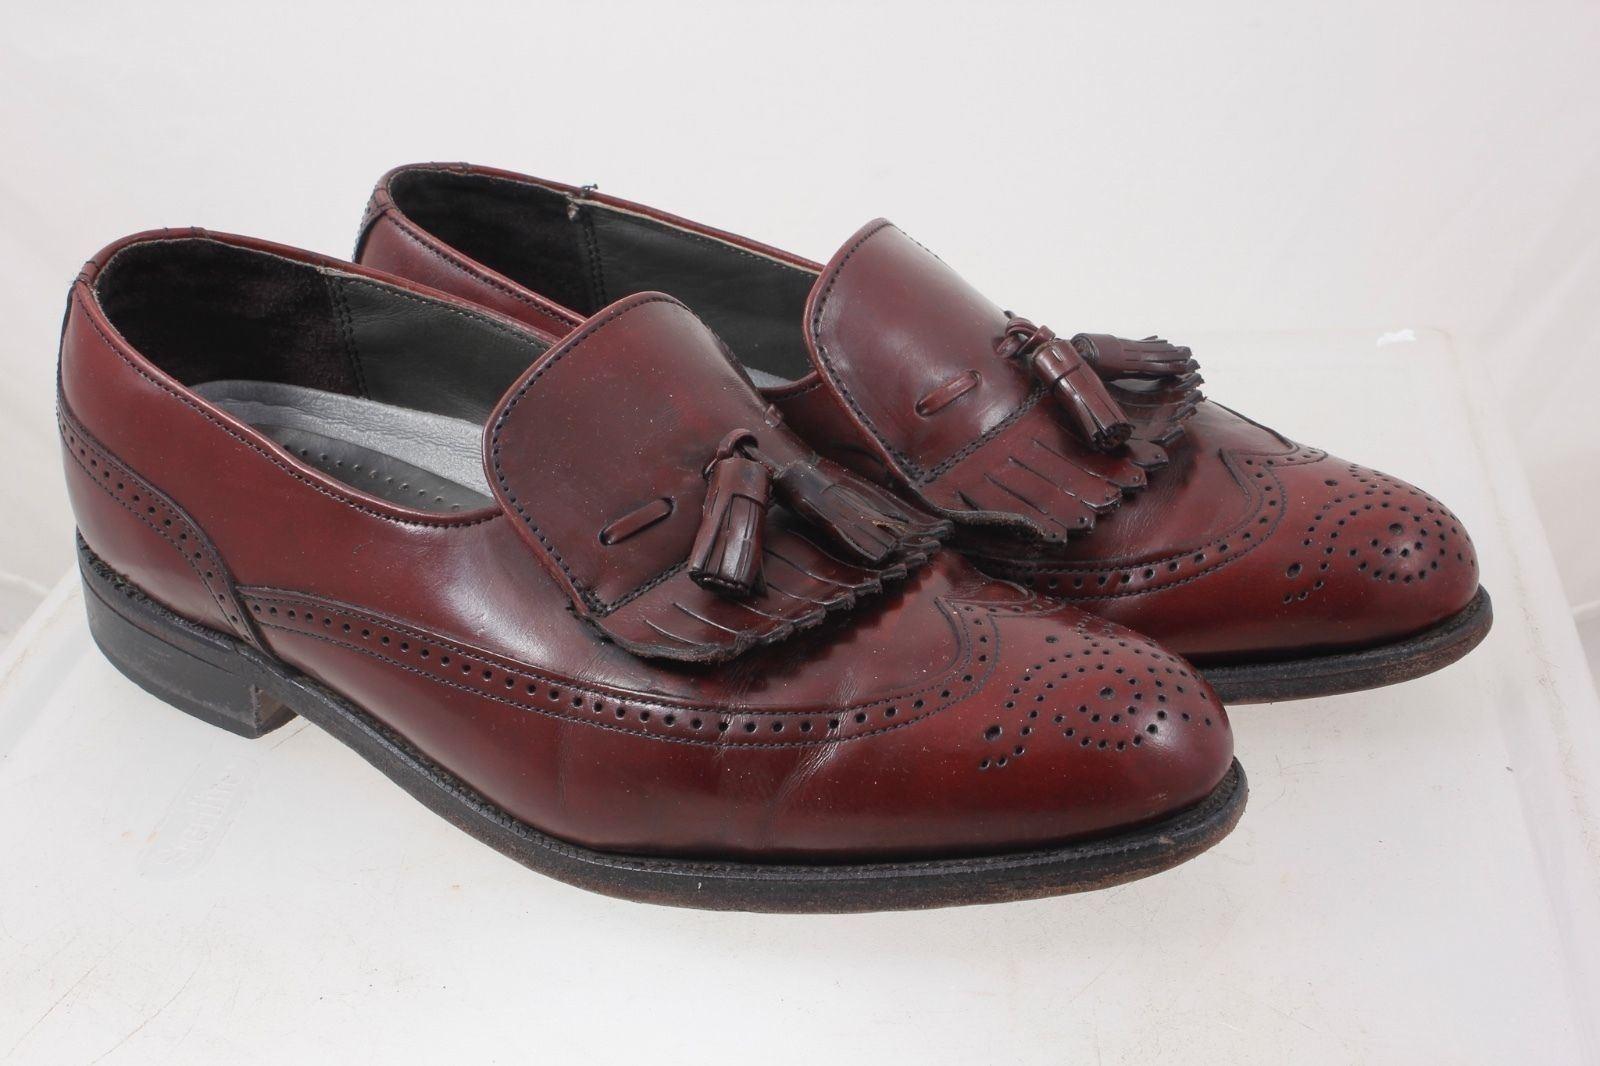 Classique Dexter glands Kilcravate Marron Cordovan cuir Loafers bout d'aile pour hommes 8 m